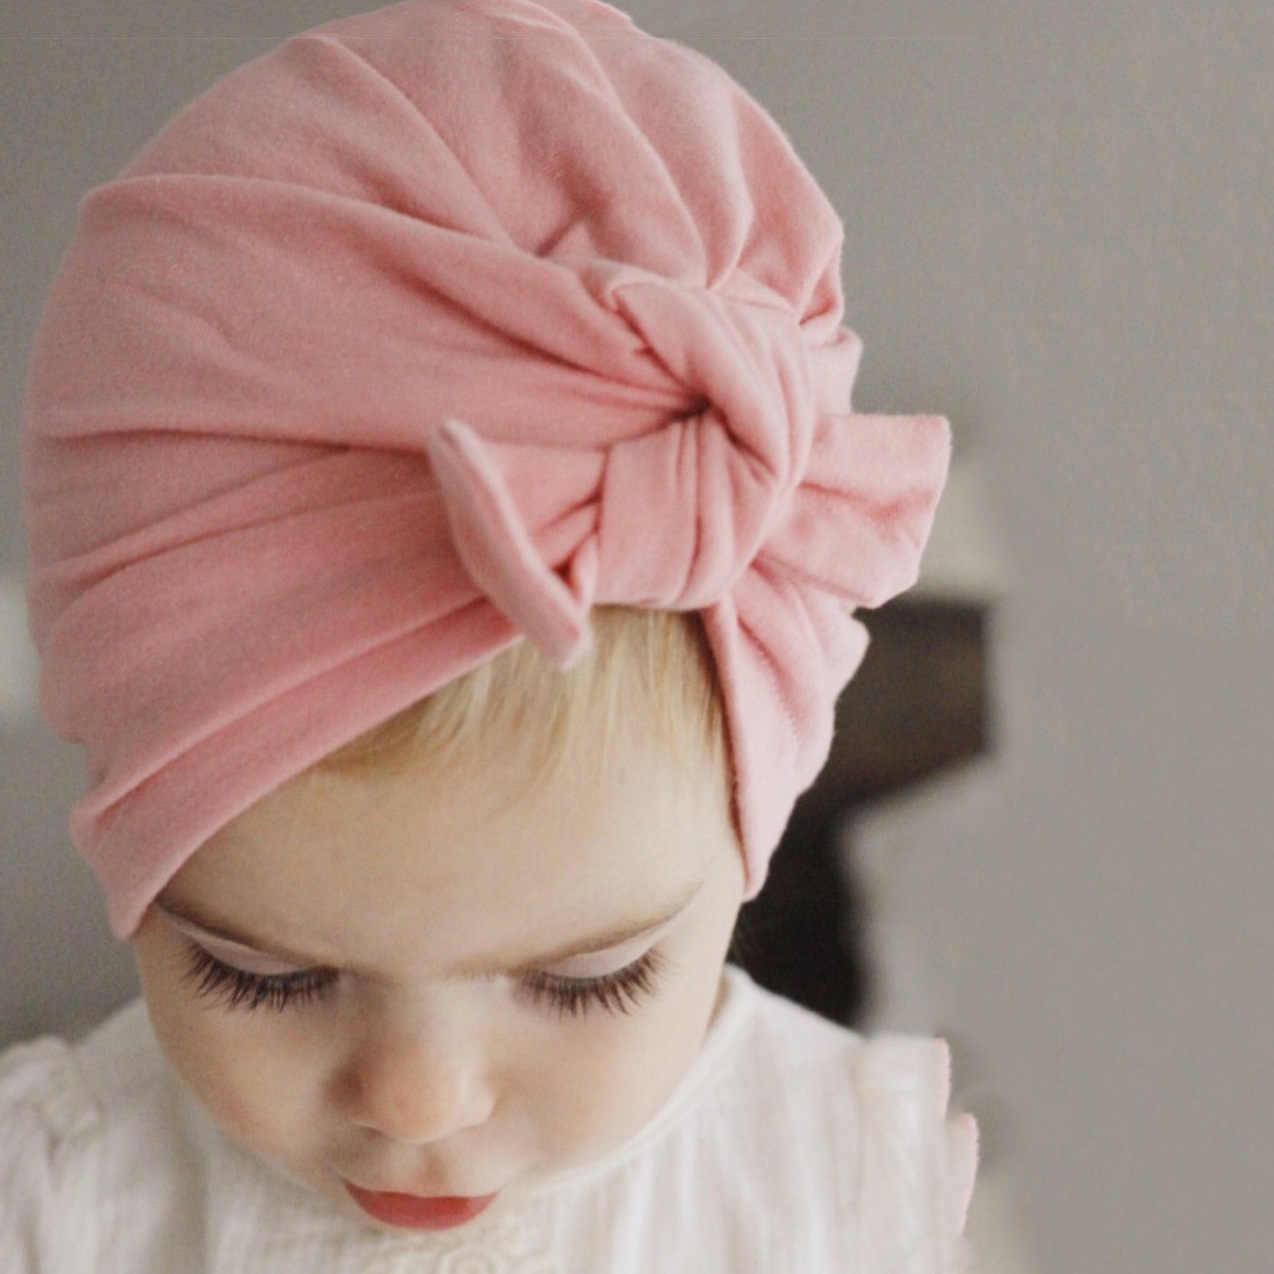 2020 boże narodzenie dziewczynek kapelusz niemowlę moda Turban Bunny uszy krawat węzeł kapelusz noworodka maluch ładny kapelusz